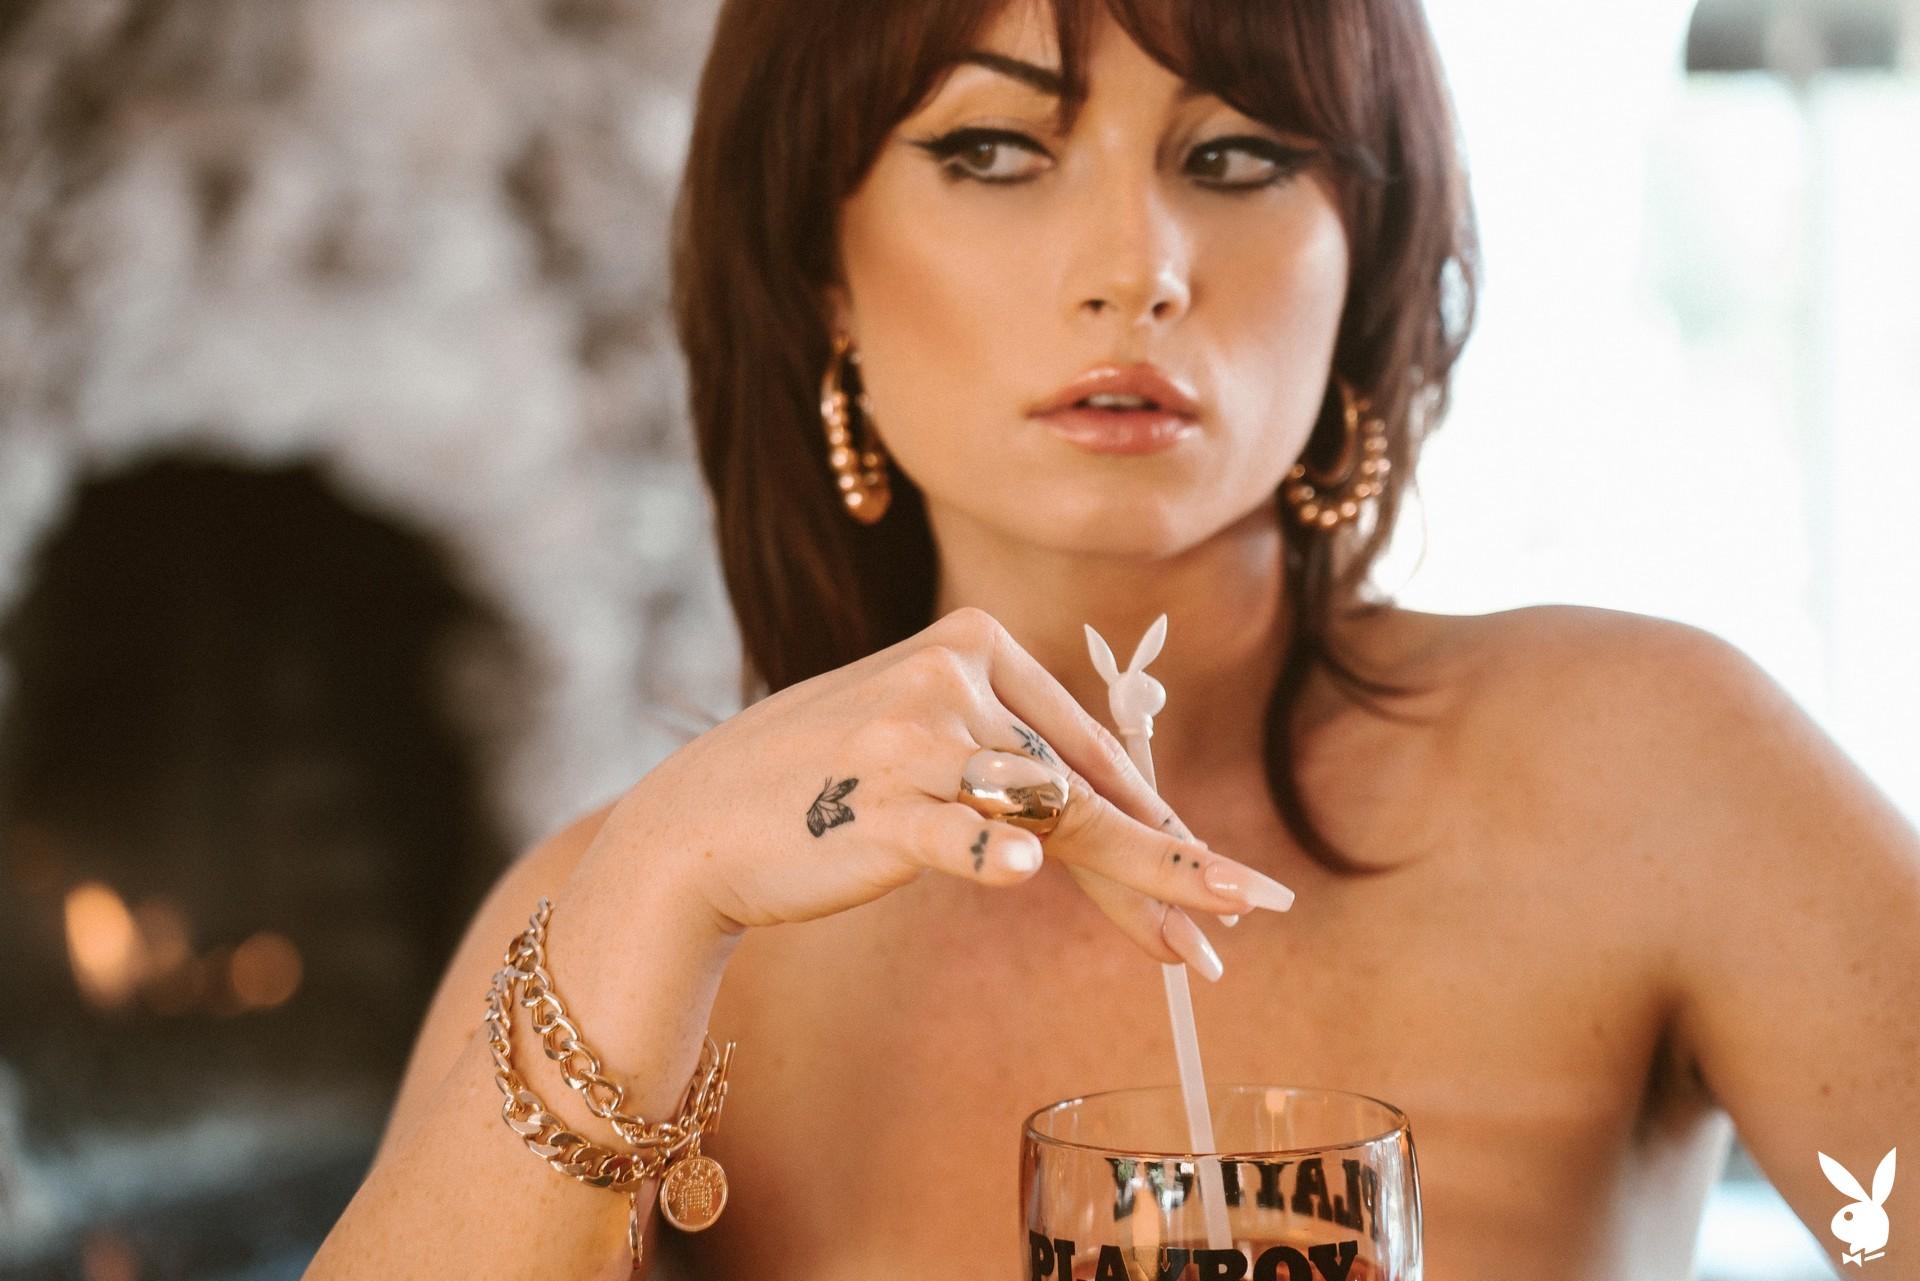 Kenna In Warm Invitation Playboy Plus (13)